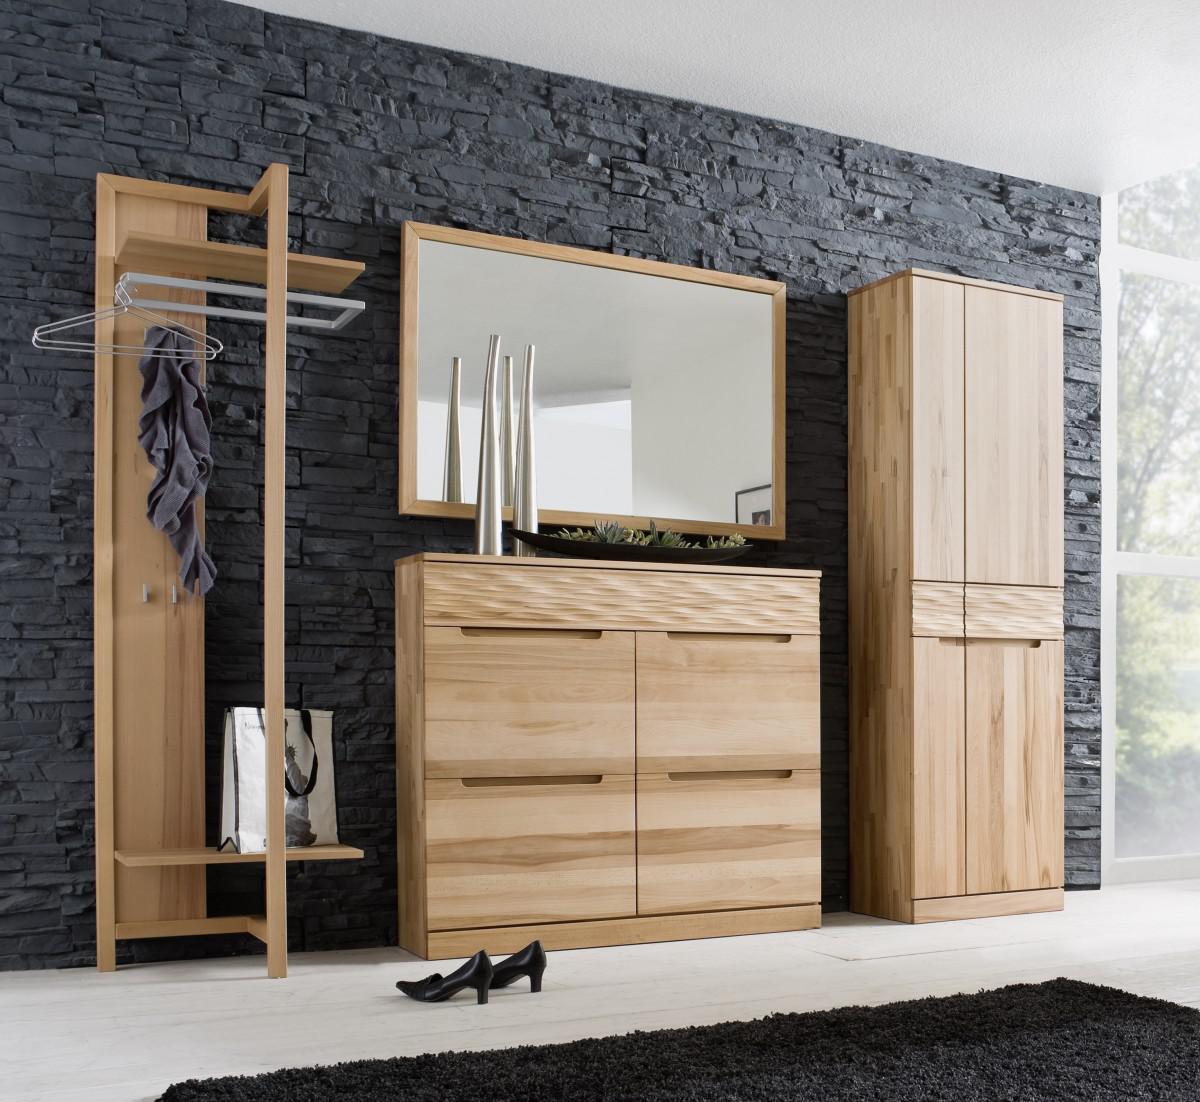 diele flur awesome beleuchtung flur diele serie besten wohnideen diele flur und galerie bilder. Black Bedroom Furniture Sets. Home Design Ideas